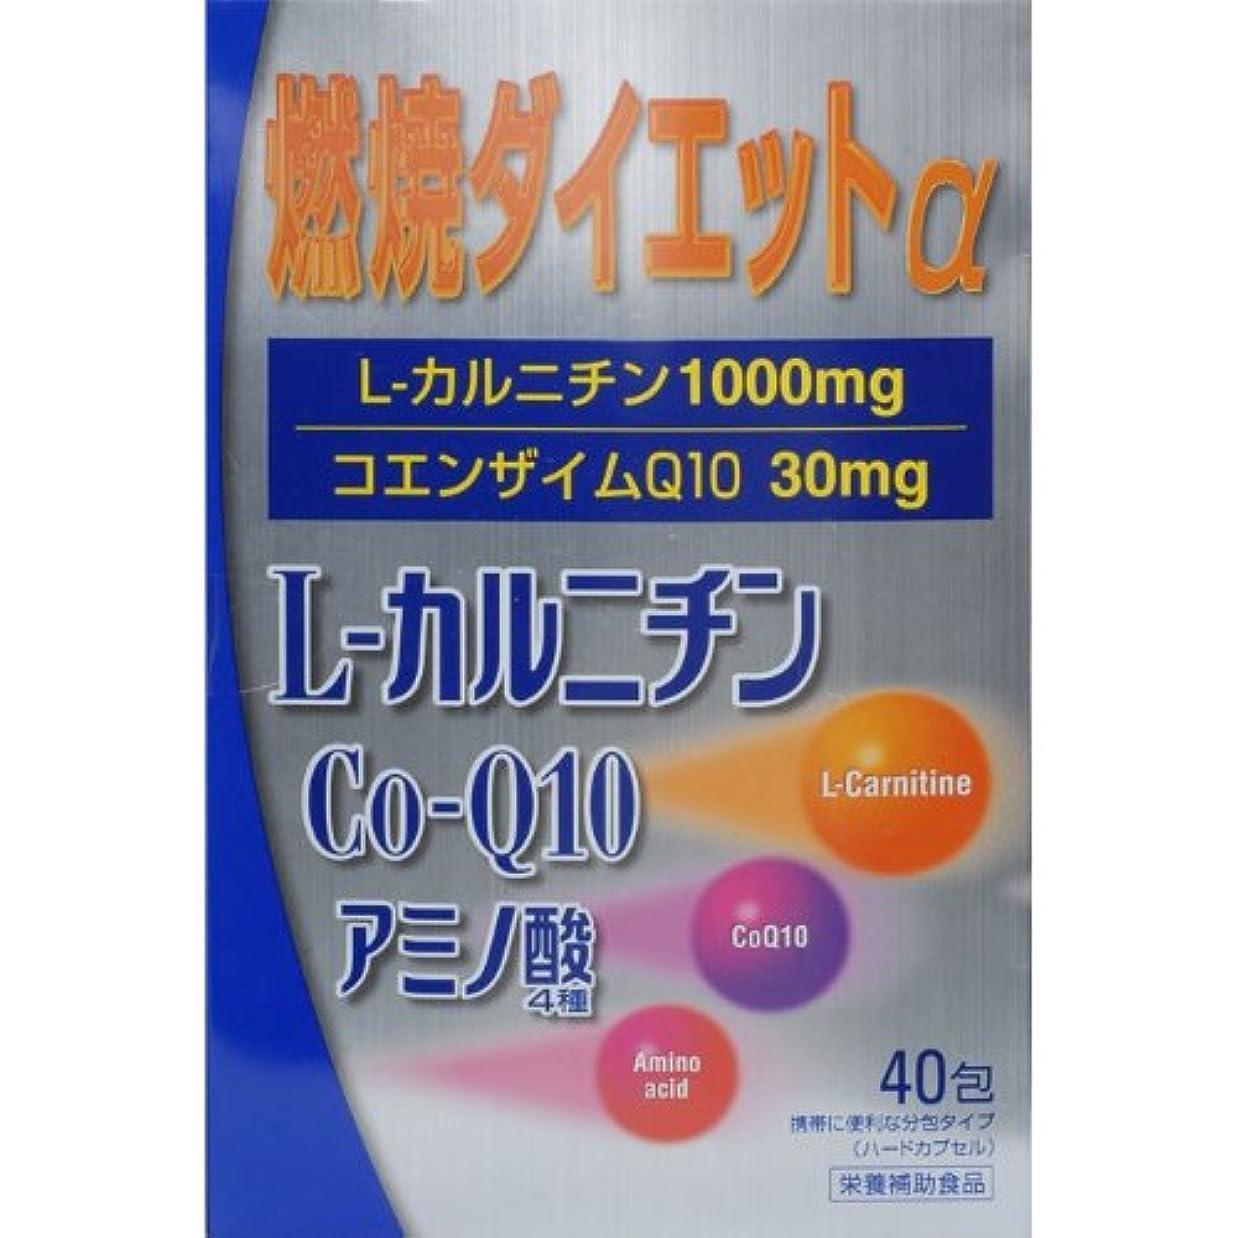 ルーム一方、脳燃焼ダイエットL‐カルニチンα 40包